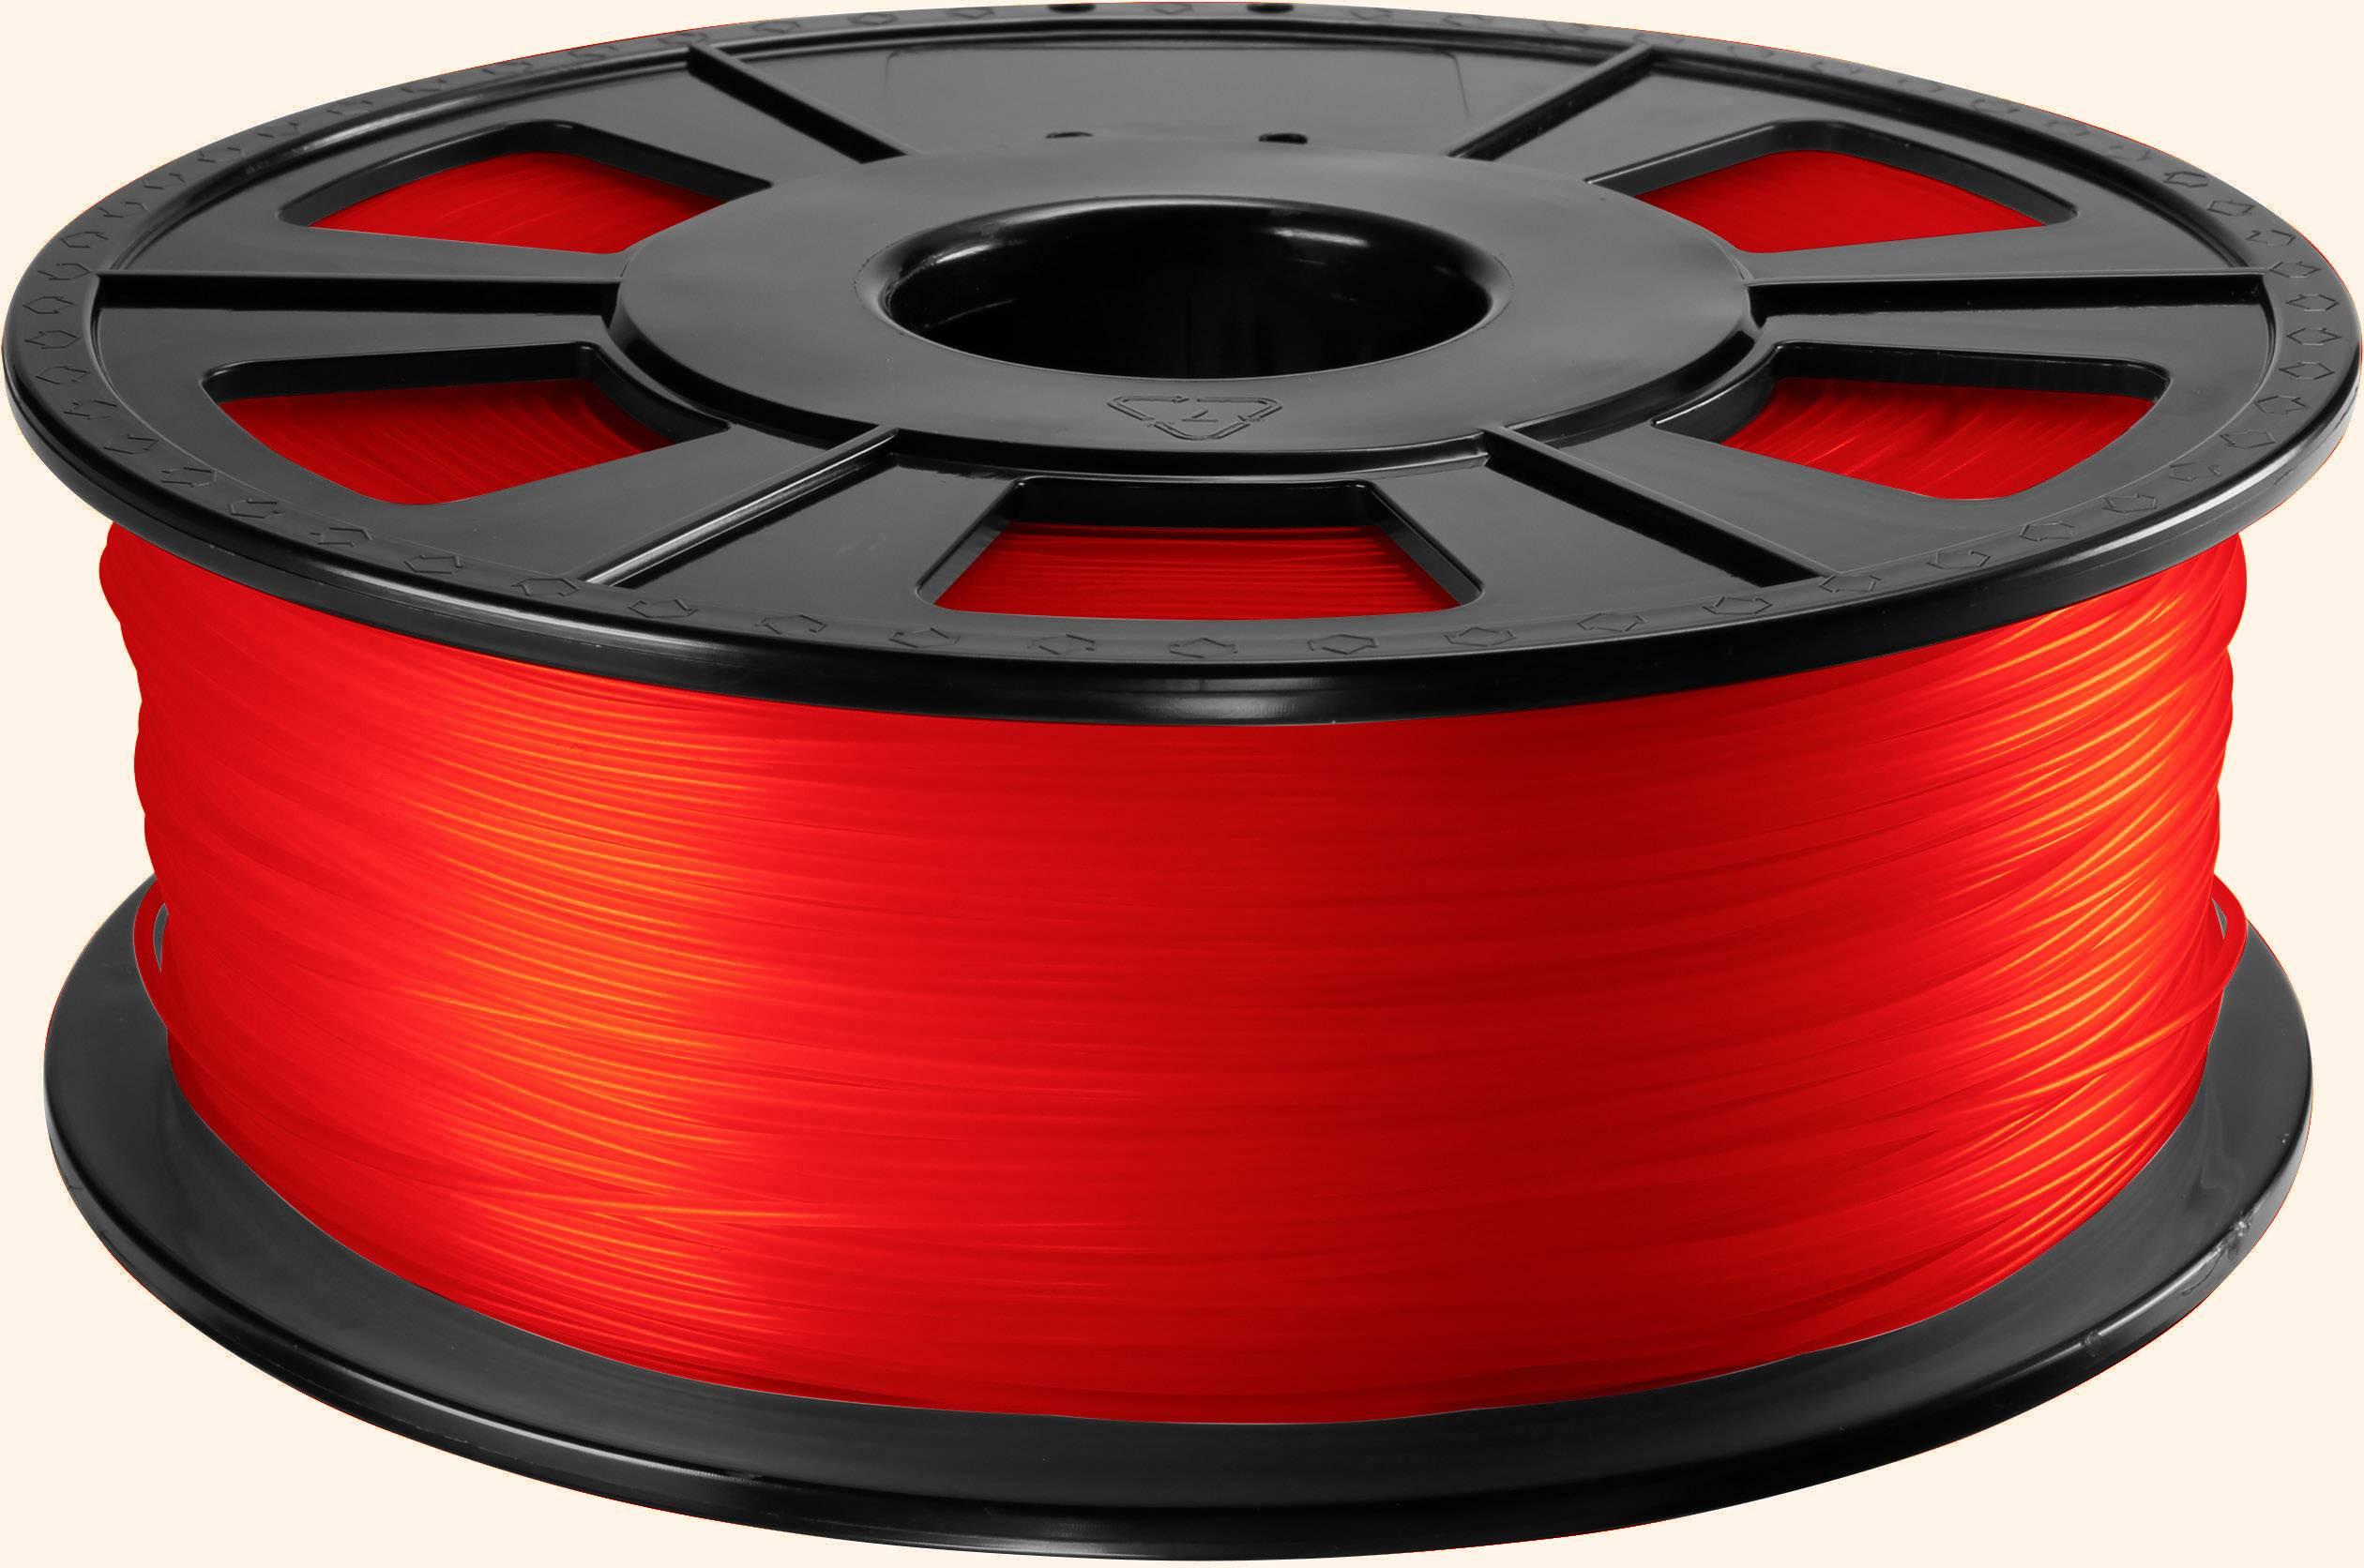 Vlákno pre 3Dtlačiarne, Renkforce 01.04.01.1104, PLA plast , 1.75 mm, 1 kg, červená